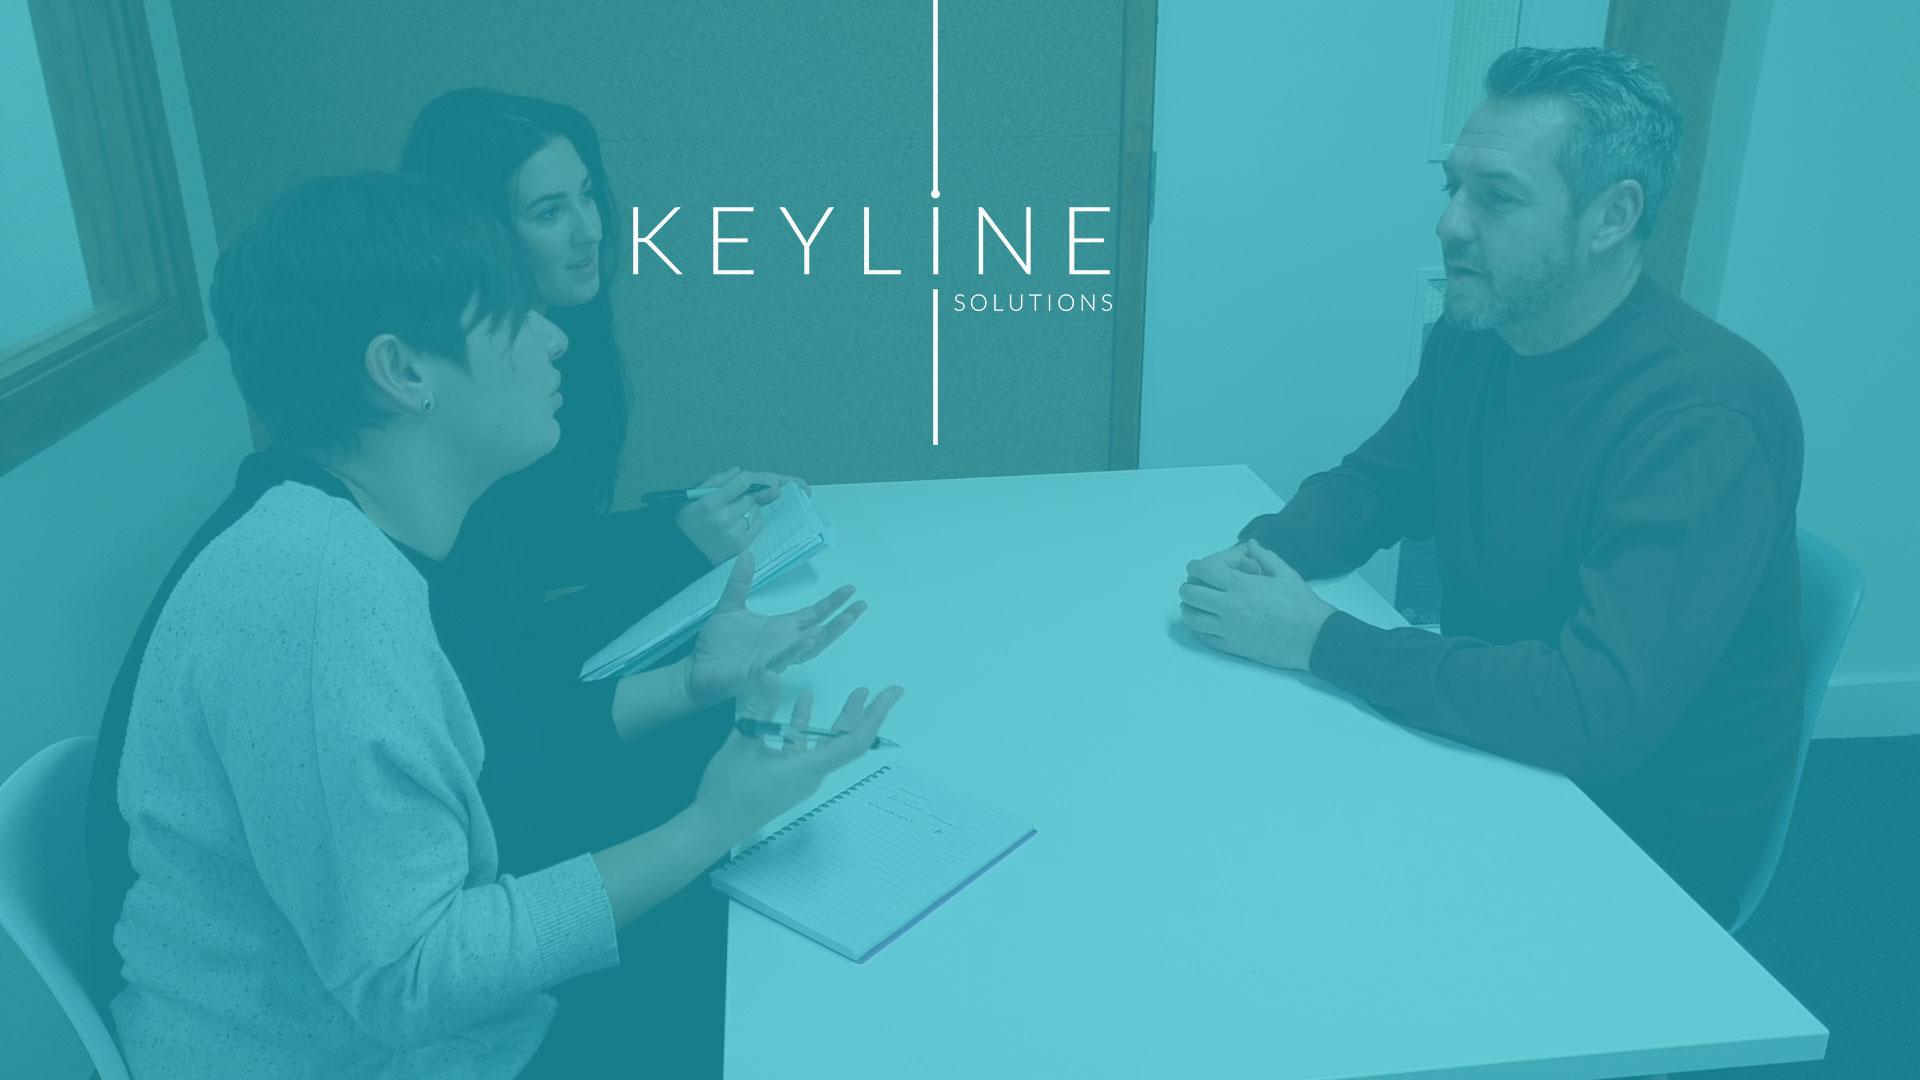 keyline-background-interview-image-002